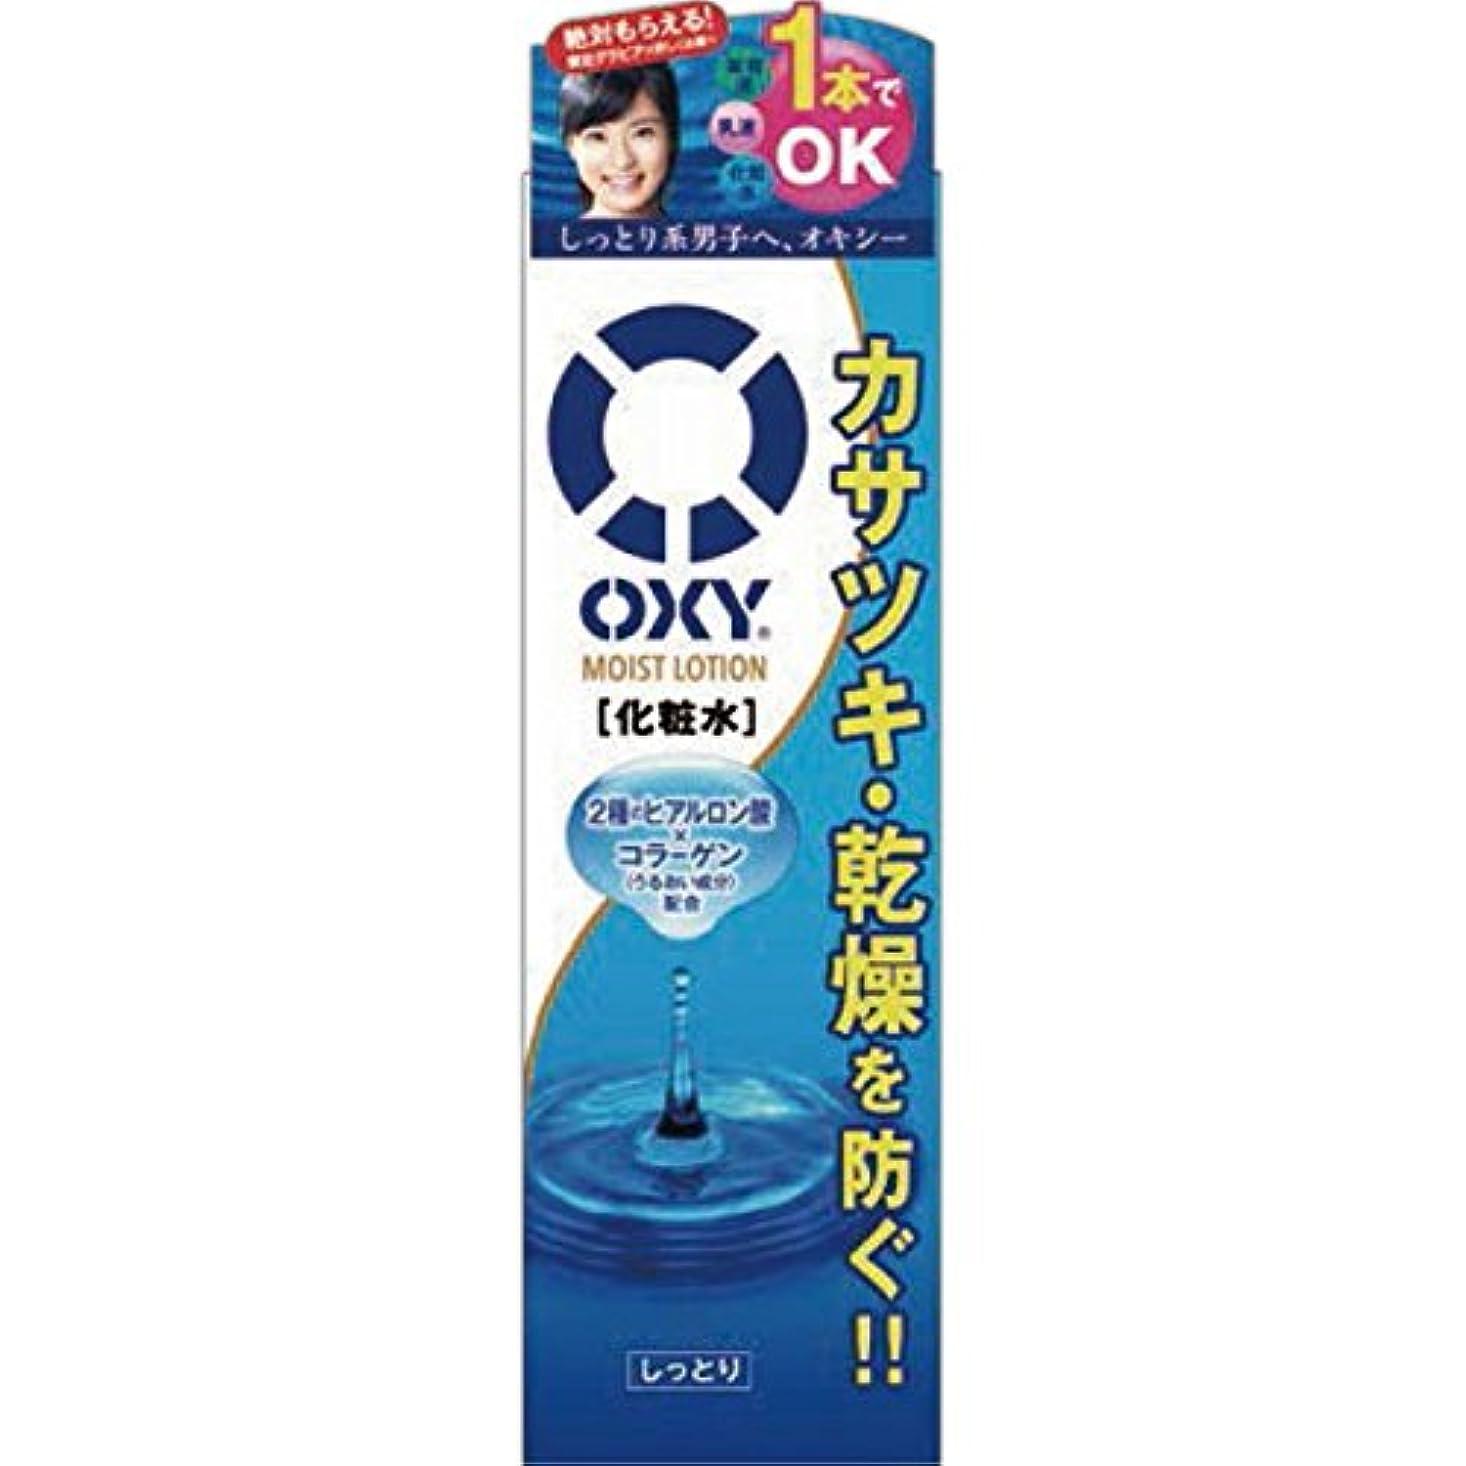 外部シロナガスクジラ名義でオキシー (Oxy) モイストローション オールインワン化粧水 2種のヒアルロン酸×コラーゲン配合 ゼラニウムの香 170mL